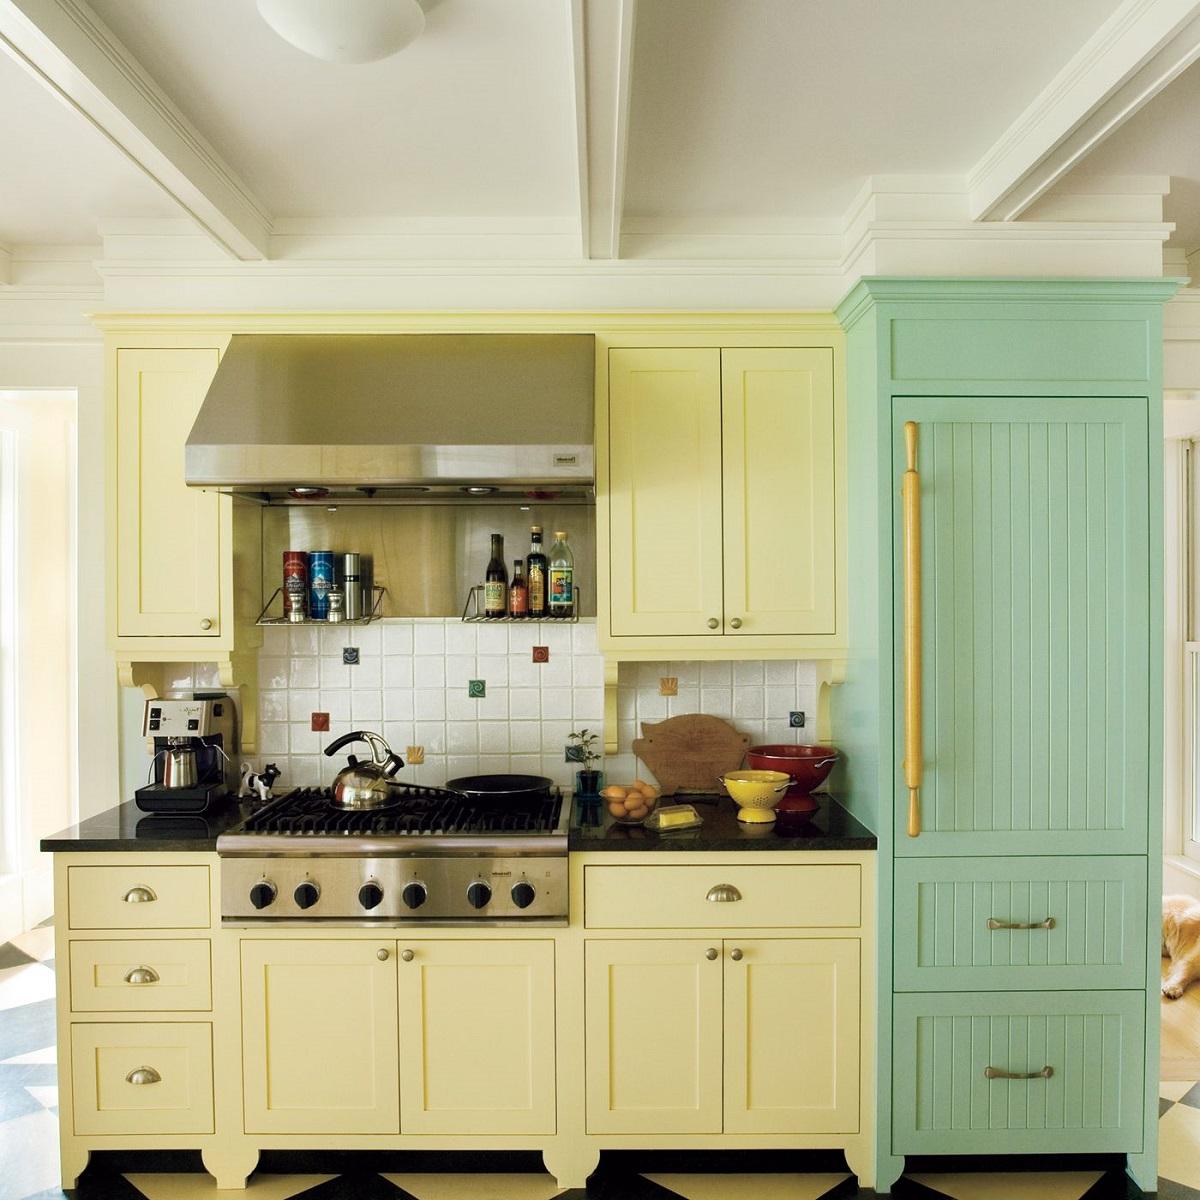 Cucina piccola: 10 idee e foto di colori ideali